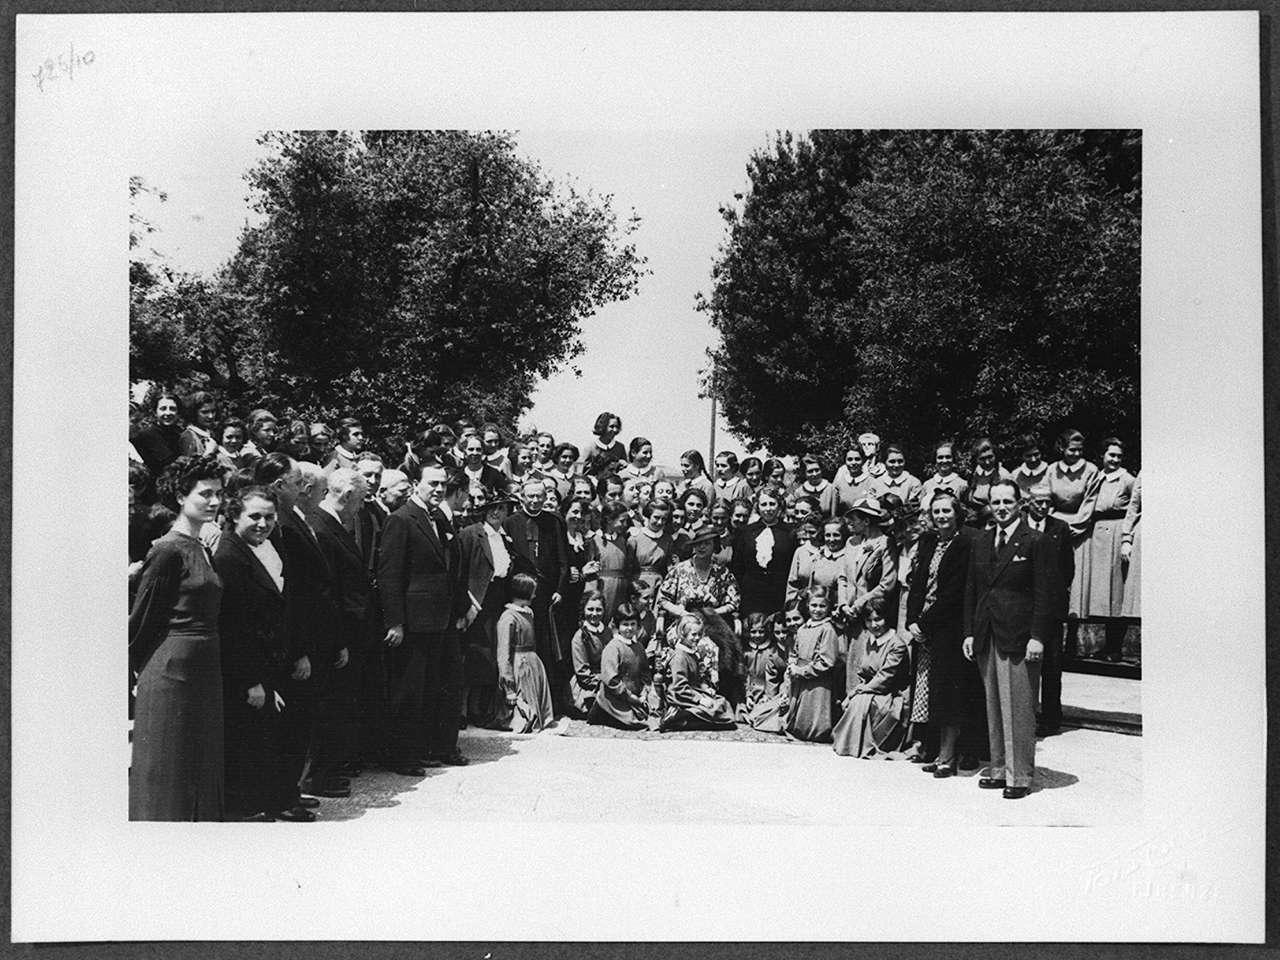 Maria José di Savoia visita la villa del Poggio Imperiale a Firenze (positivo) di Laboratorio Locchi (laboratorio) (secondo quarto XX)